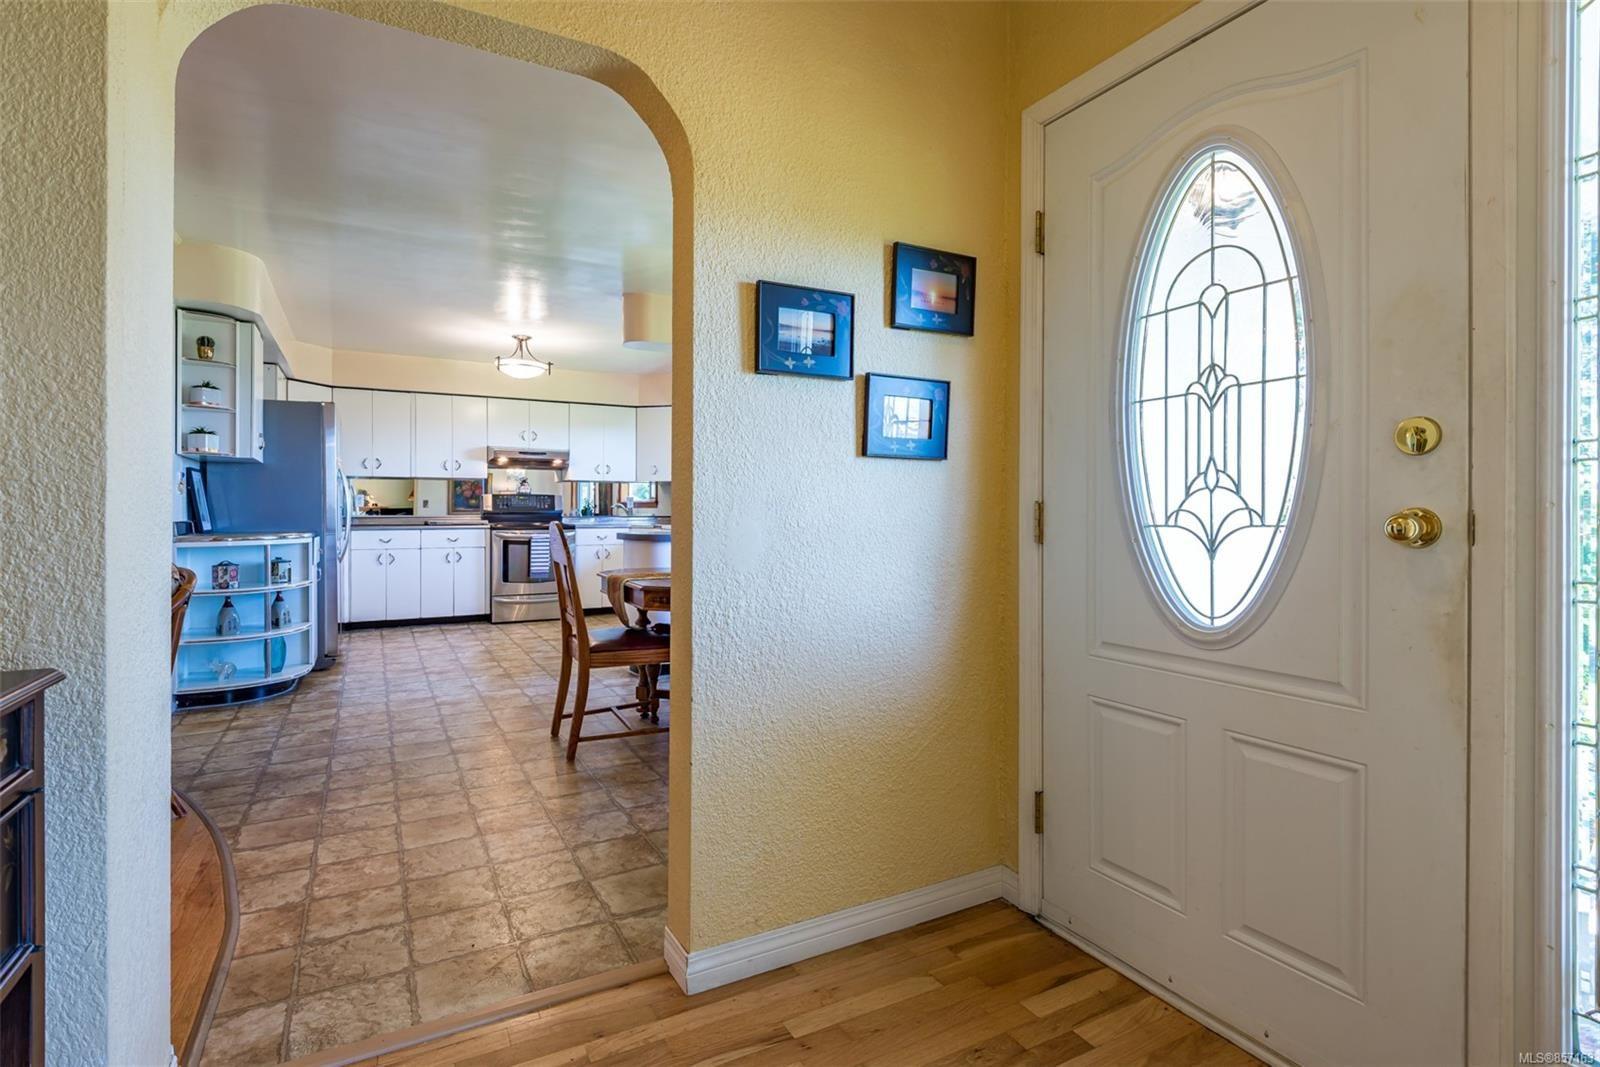 Photo 7: Photos: 4241 Buddington Rd in : CV Courtenay South House for sale (Comox Valley)  : MLS®# 857163